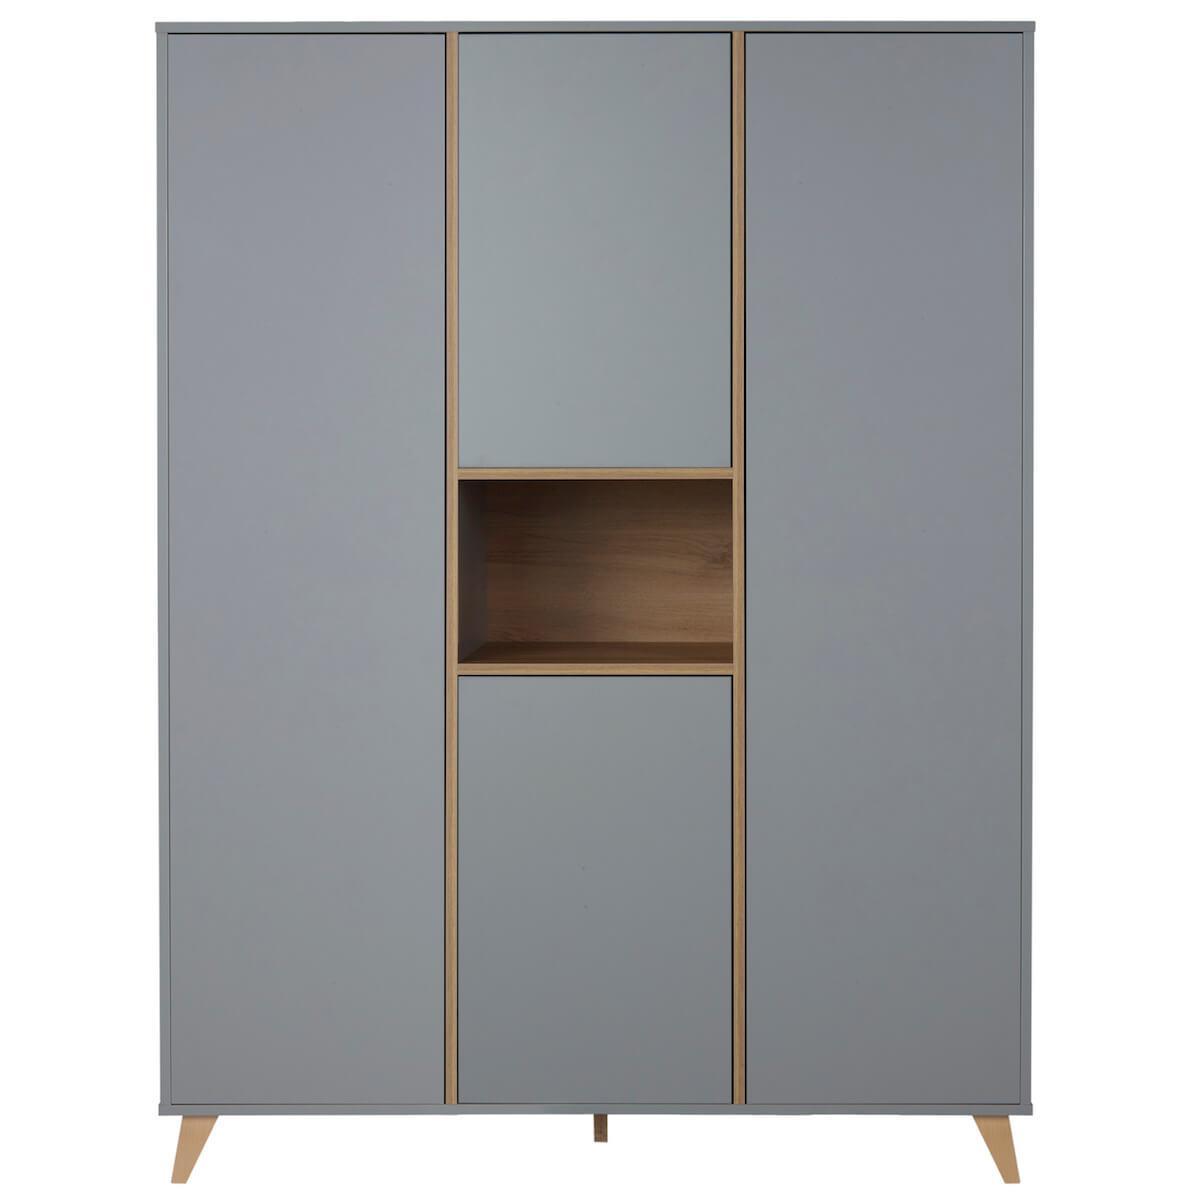 Armoire 143x190cm LOFT  Quax gris